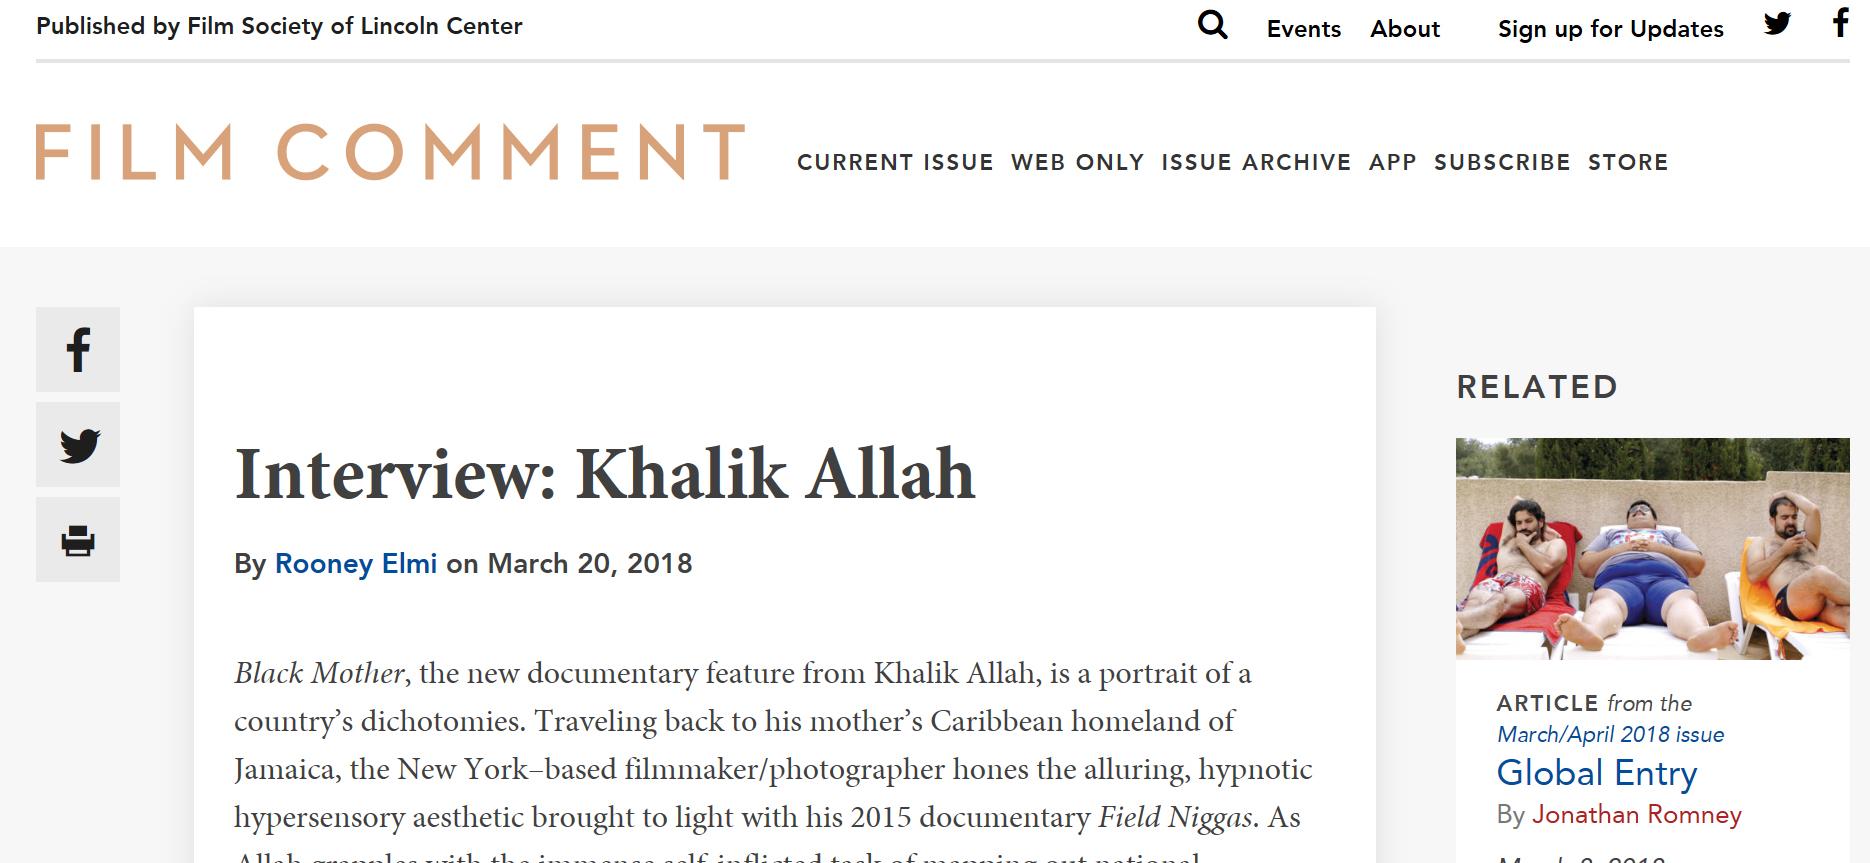 Rooney Elmi    interviews Khalik Allah for Film Comment